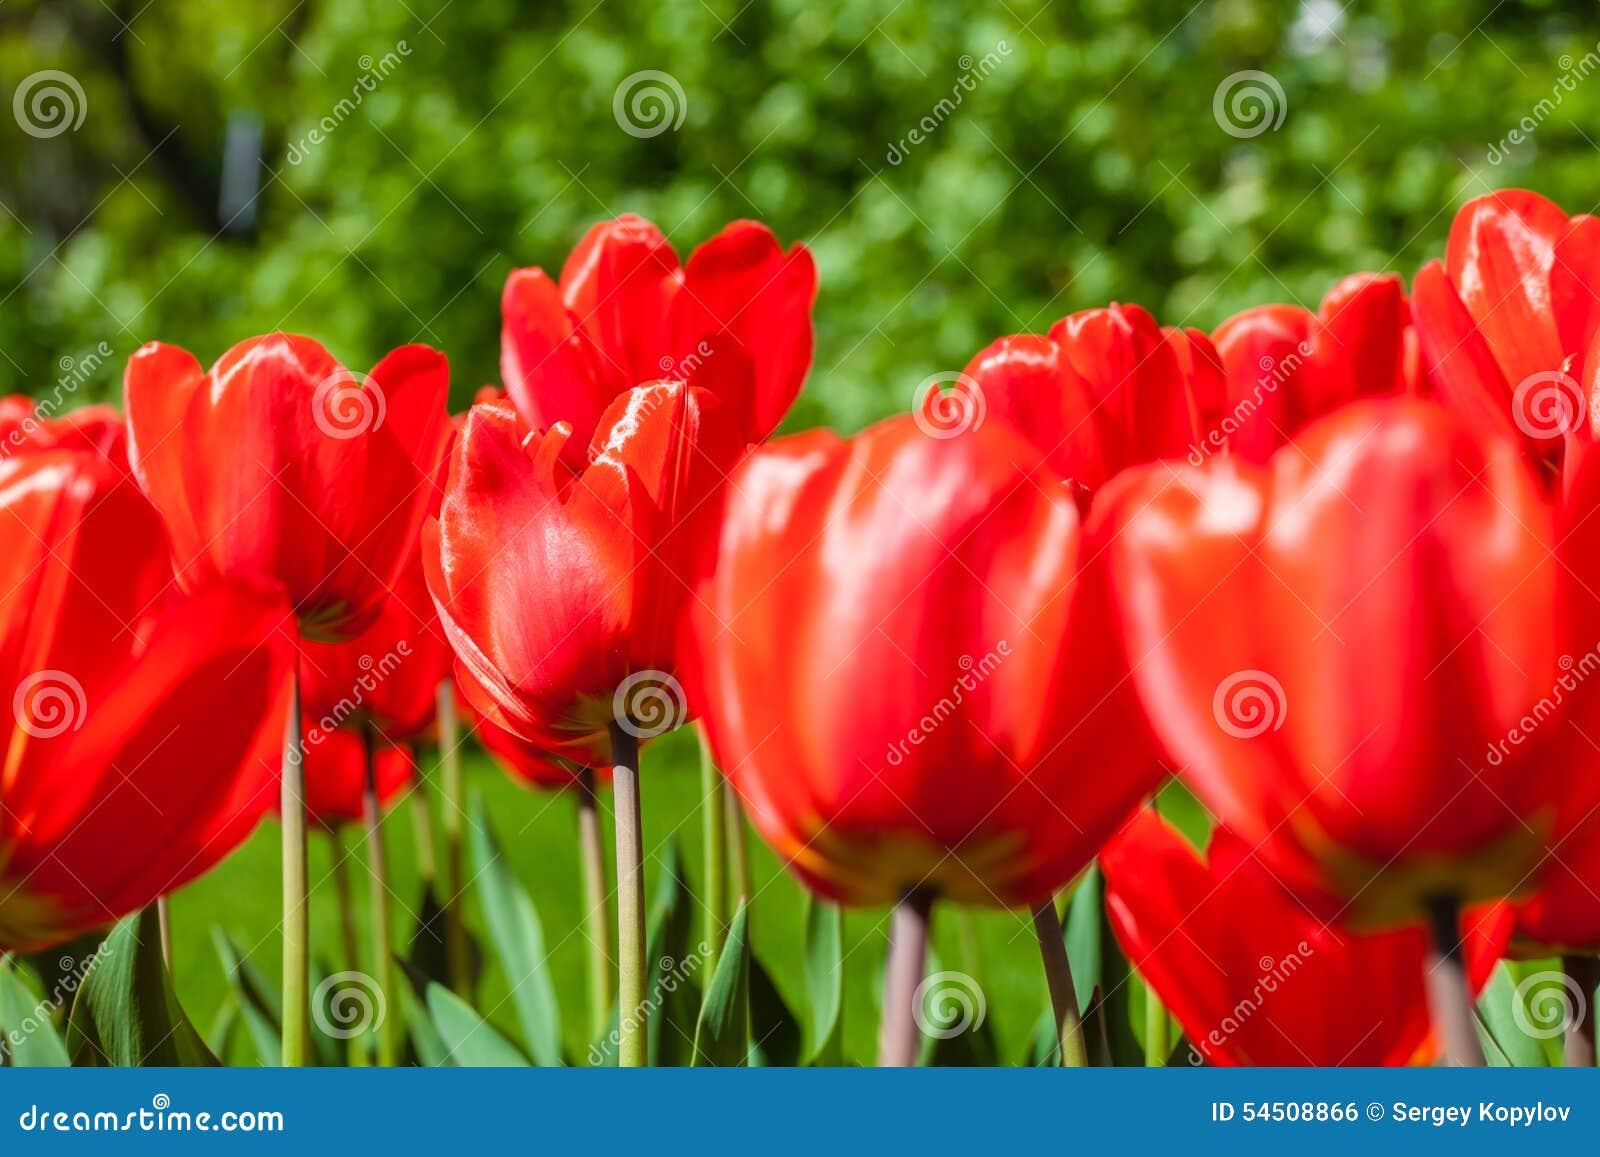 Fond des tulipes rouges